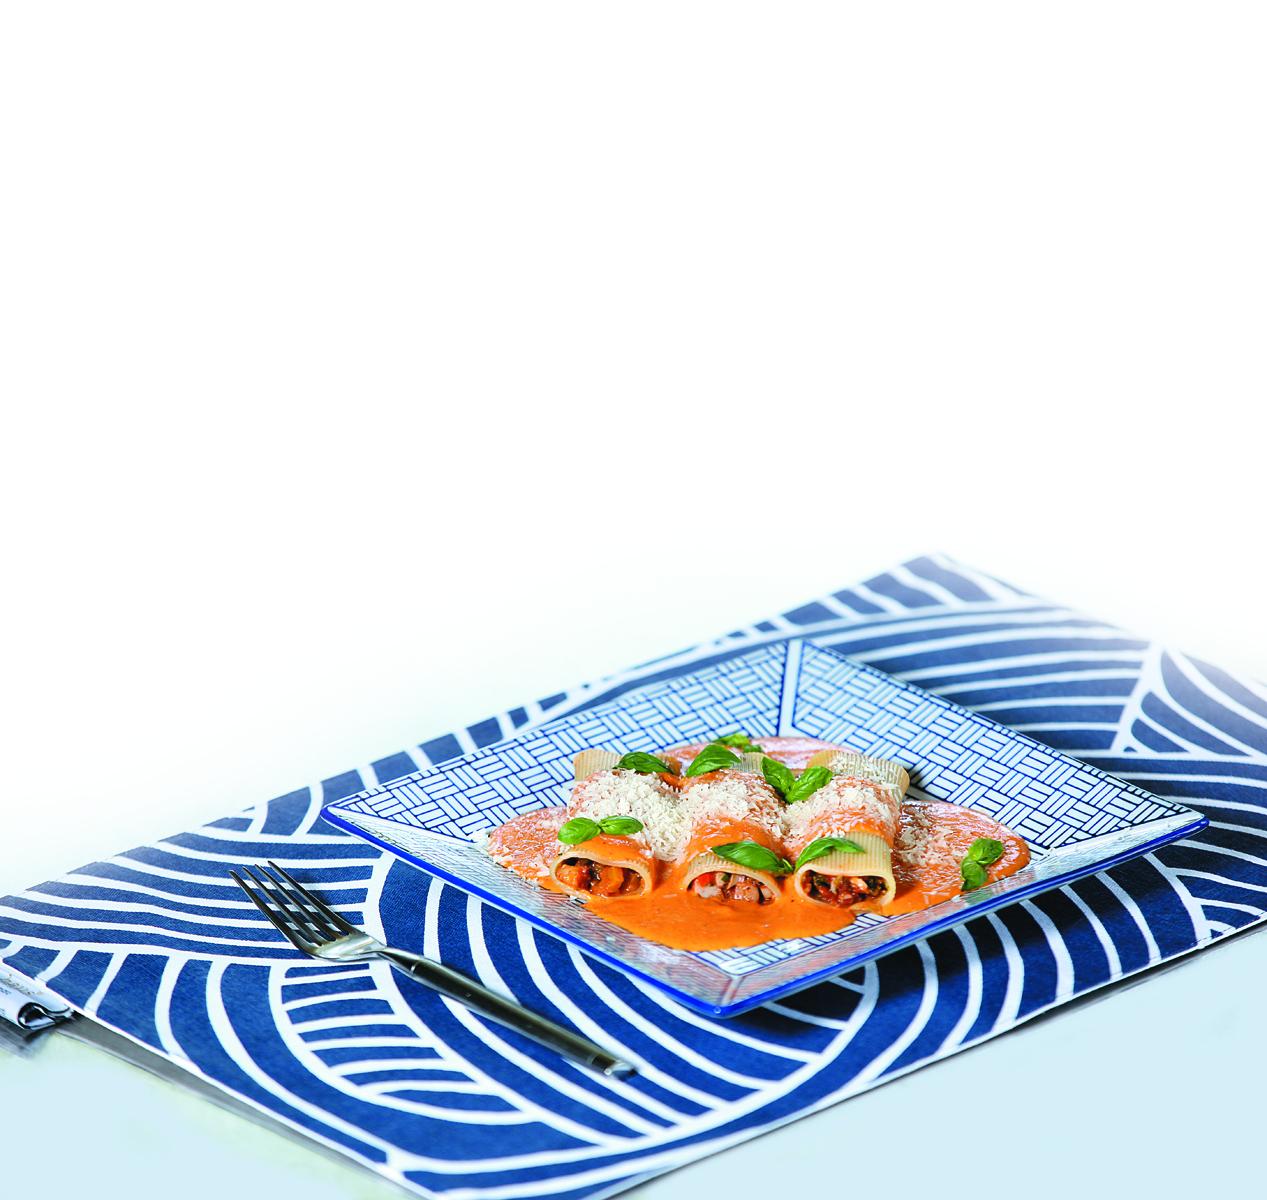 Receta Dominicana para Semana Santa: Canelones rellenos de mariscos con salsa de chile guajillo y cubanela rojo asado